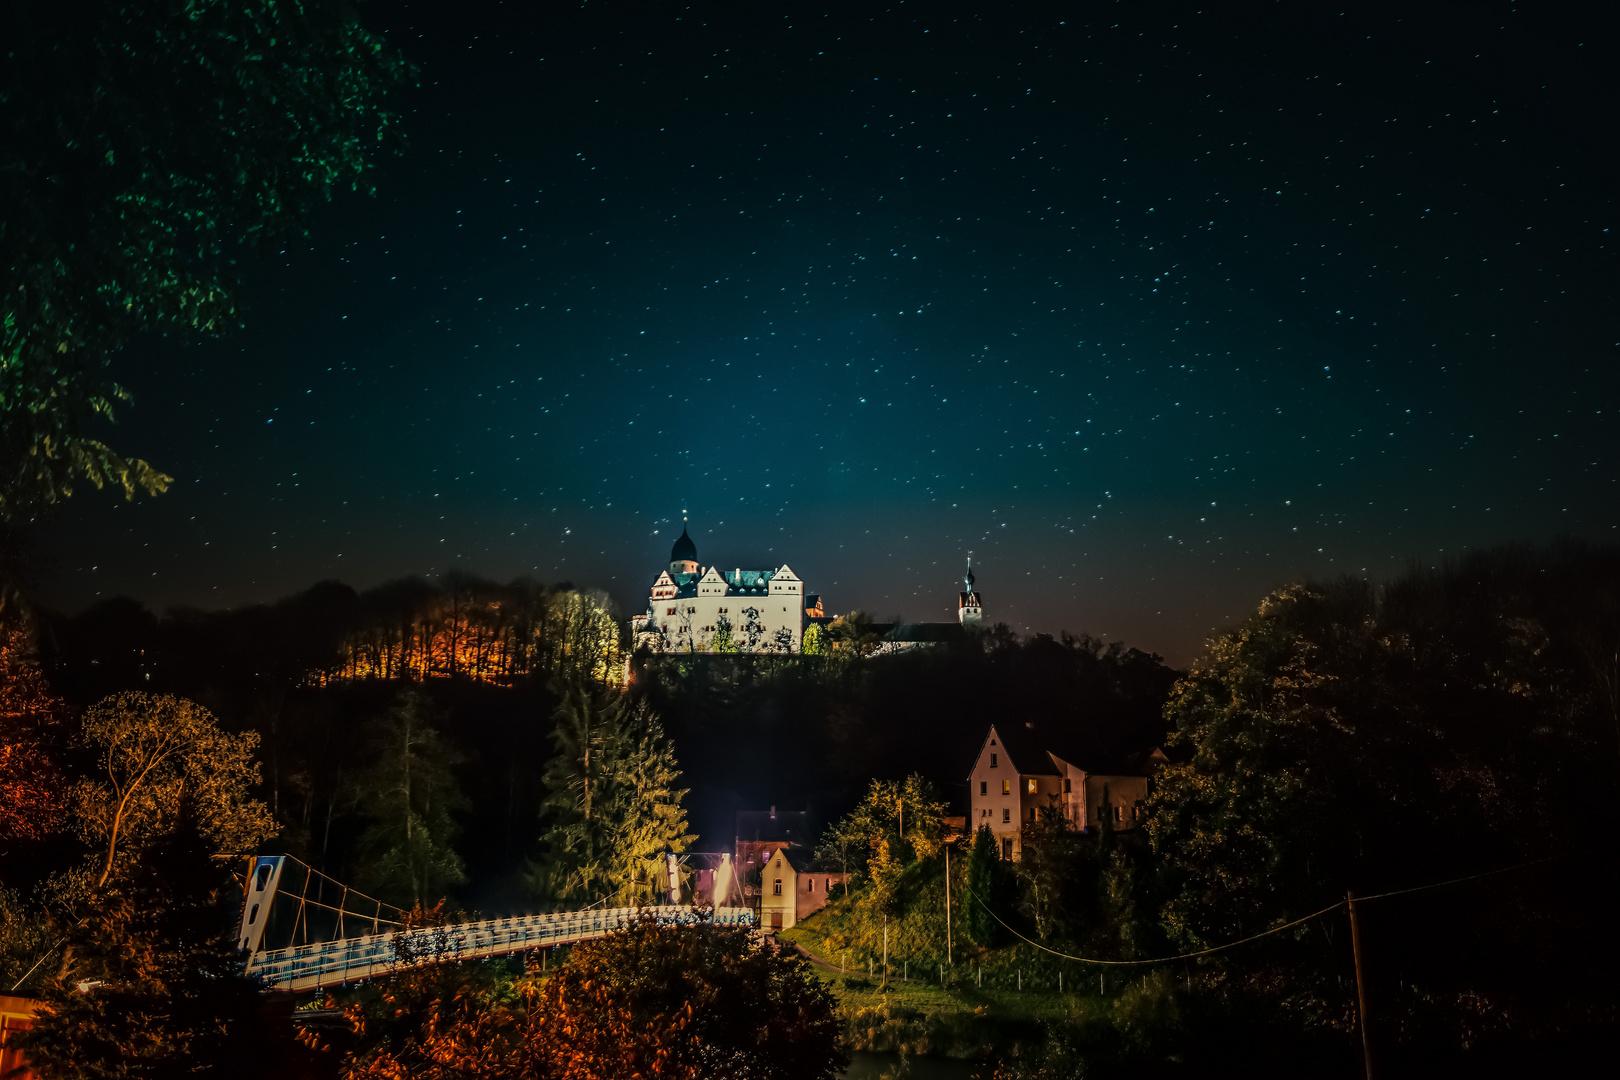 Romantische Schlossstimmung im Sternenglanz